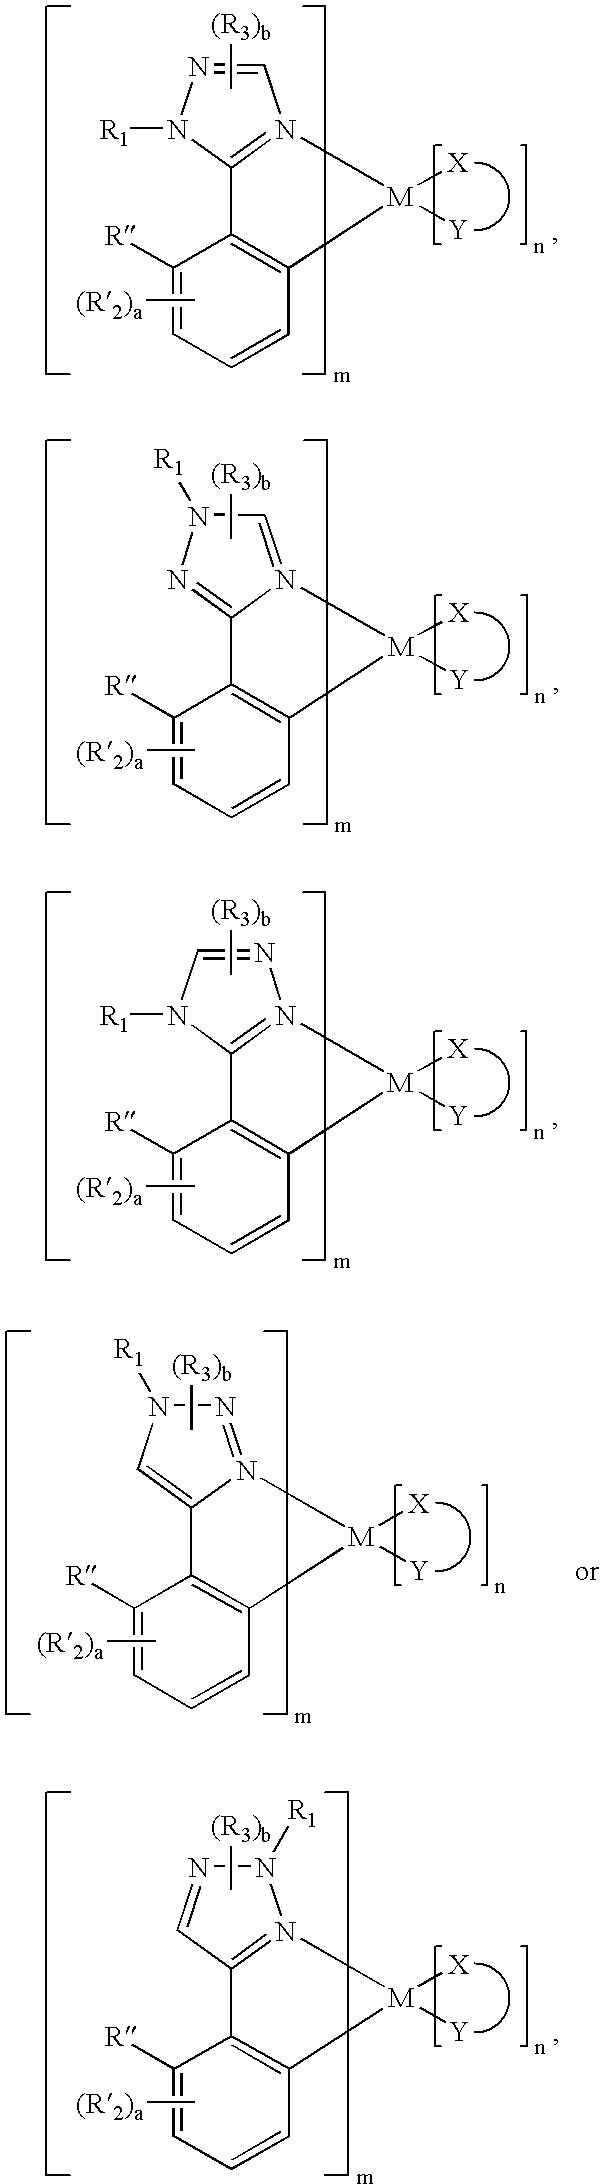 Figure US20060008670A1-20060112-C00022